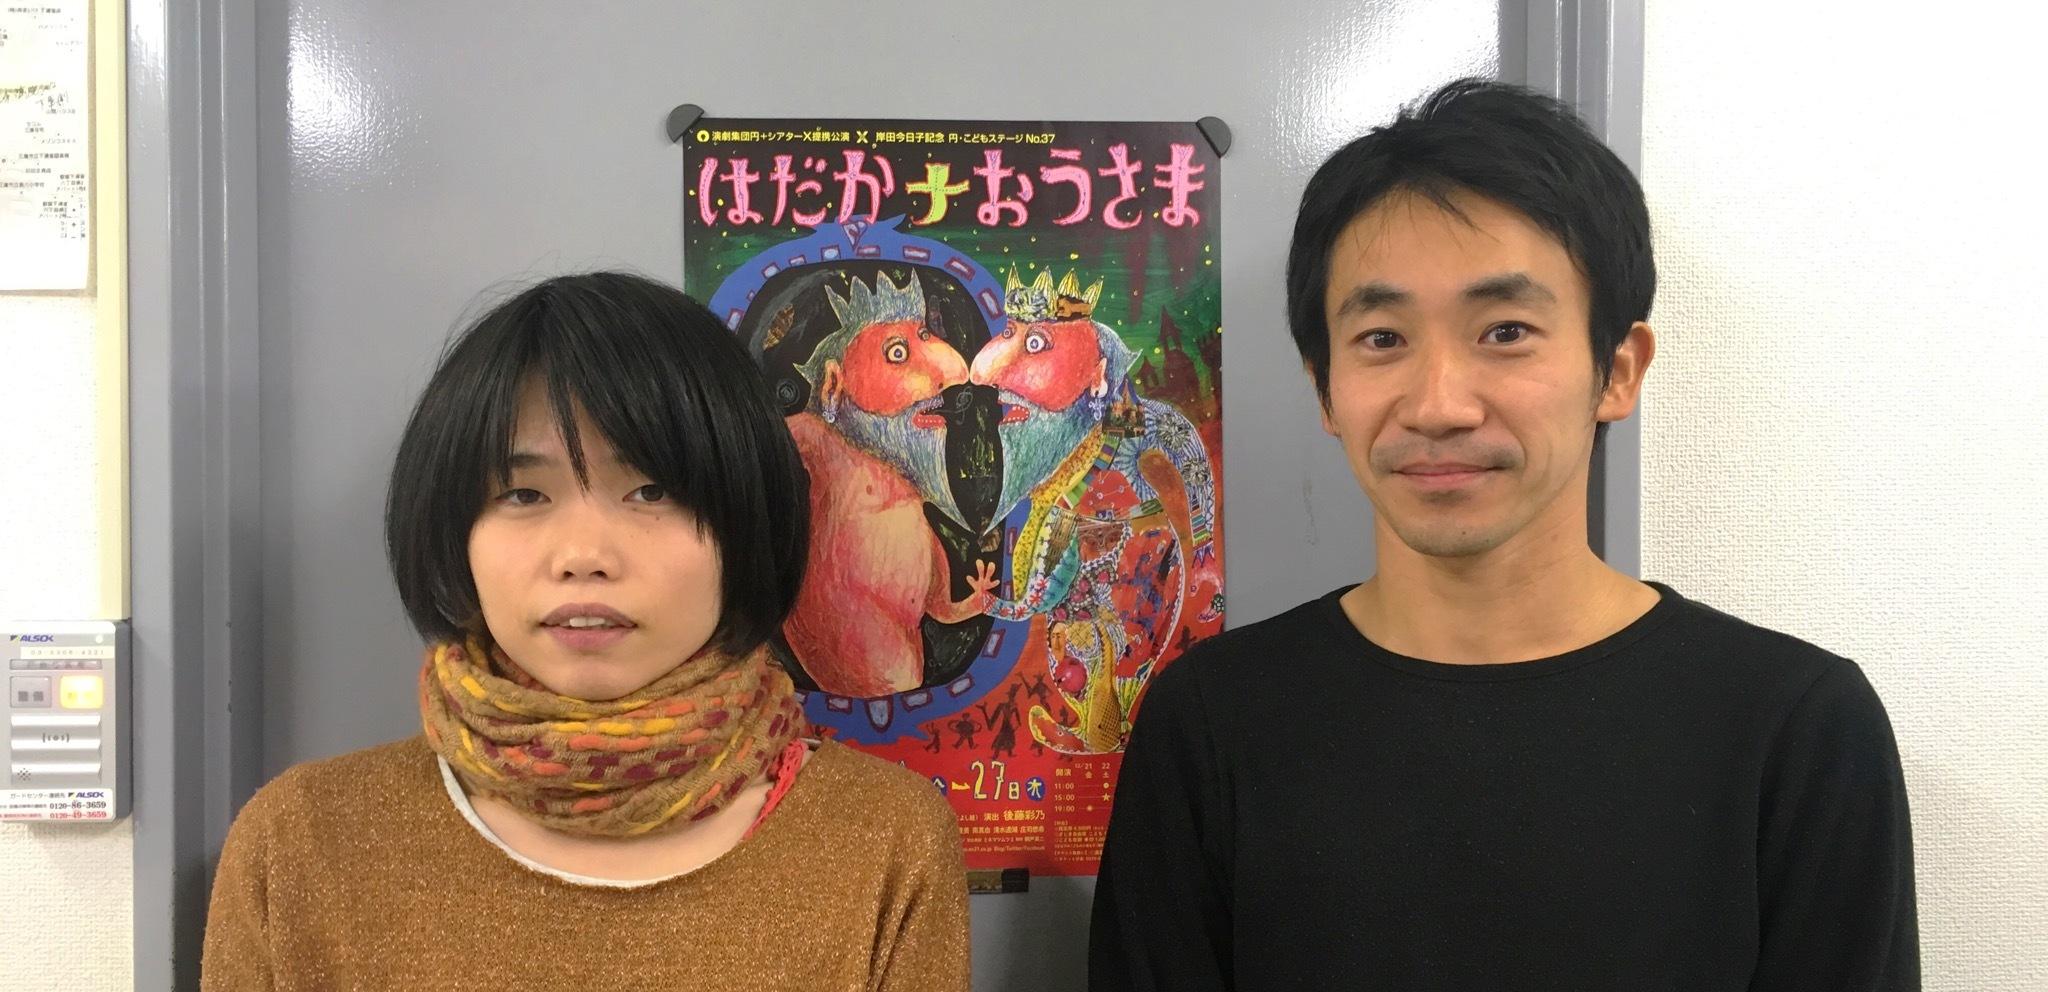 円こどもステージ『はだかナおうさま』、左から劇作家・國吉咲貴、俳優・手塚祐介。